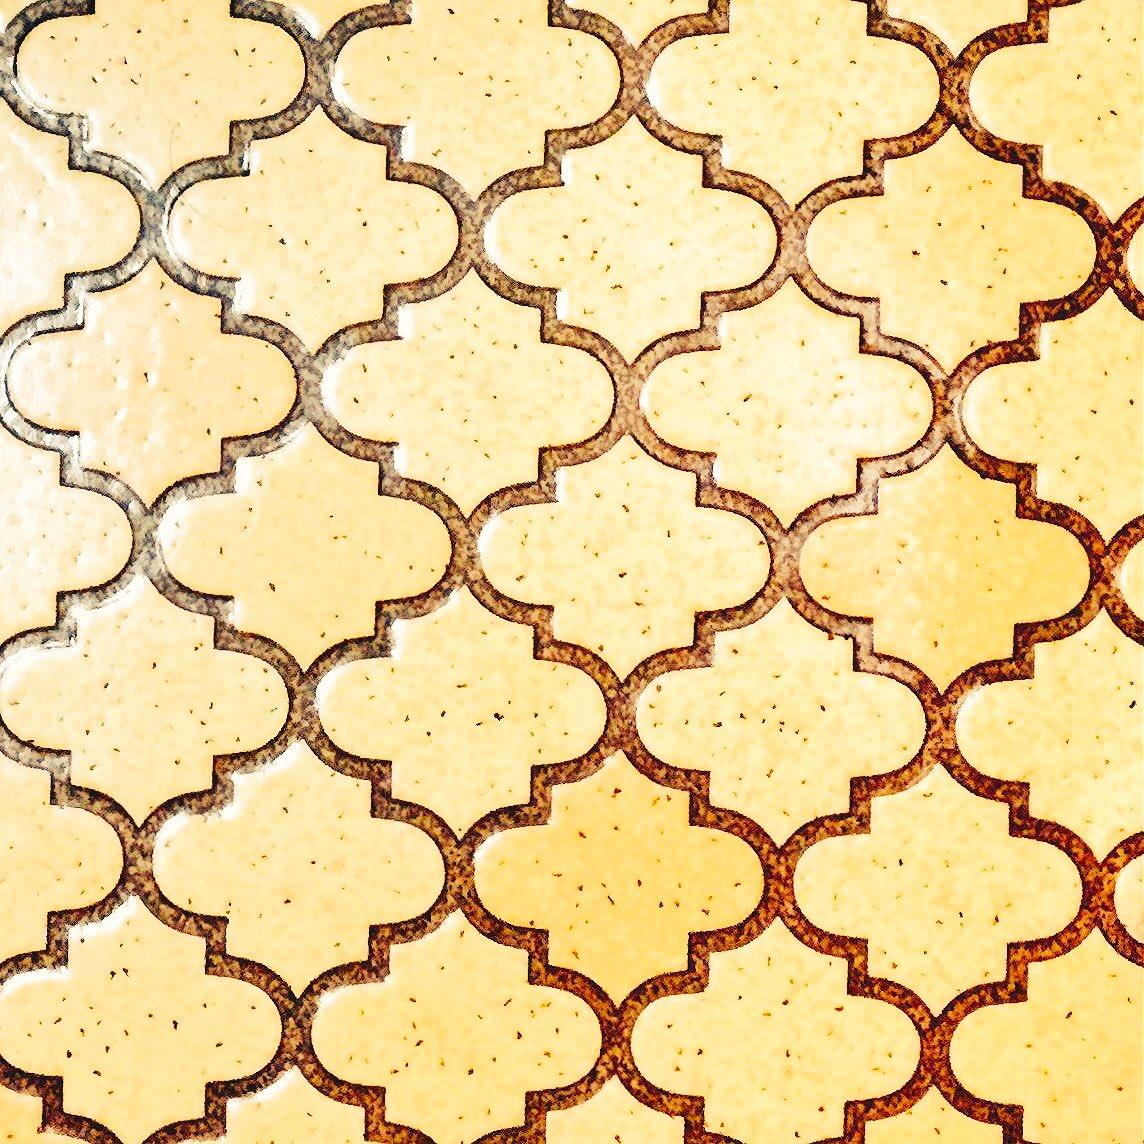 祖母宅のお風呂の床の柄がモロッカン柄という情報を聞いて、この柄に名前あったんだなと思う夏の夜。知らなかった。